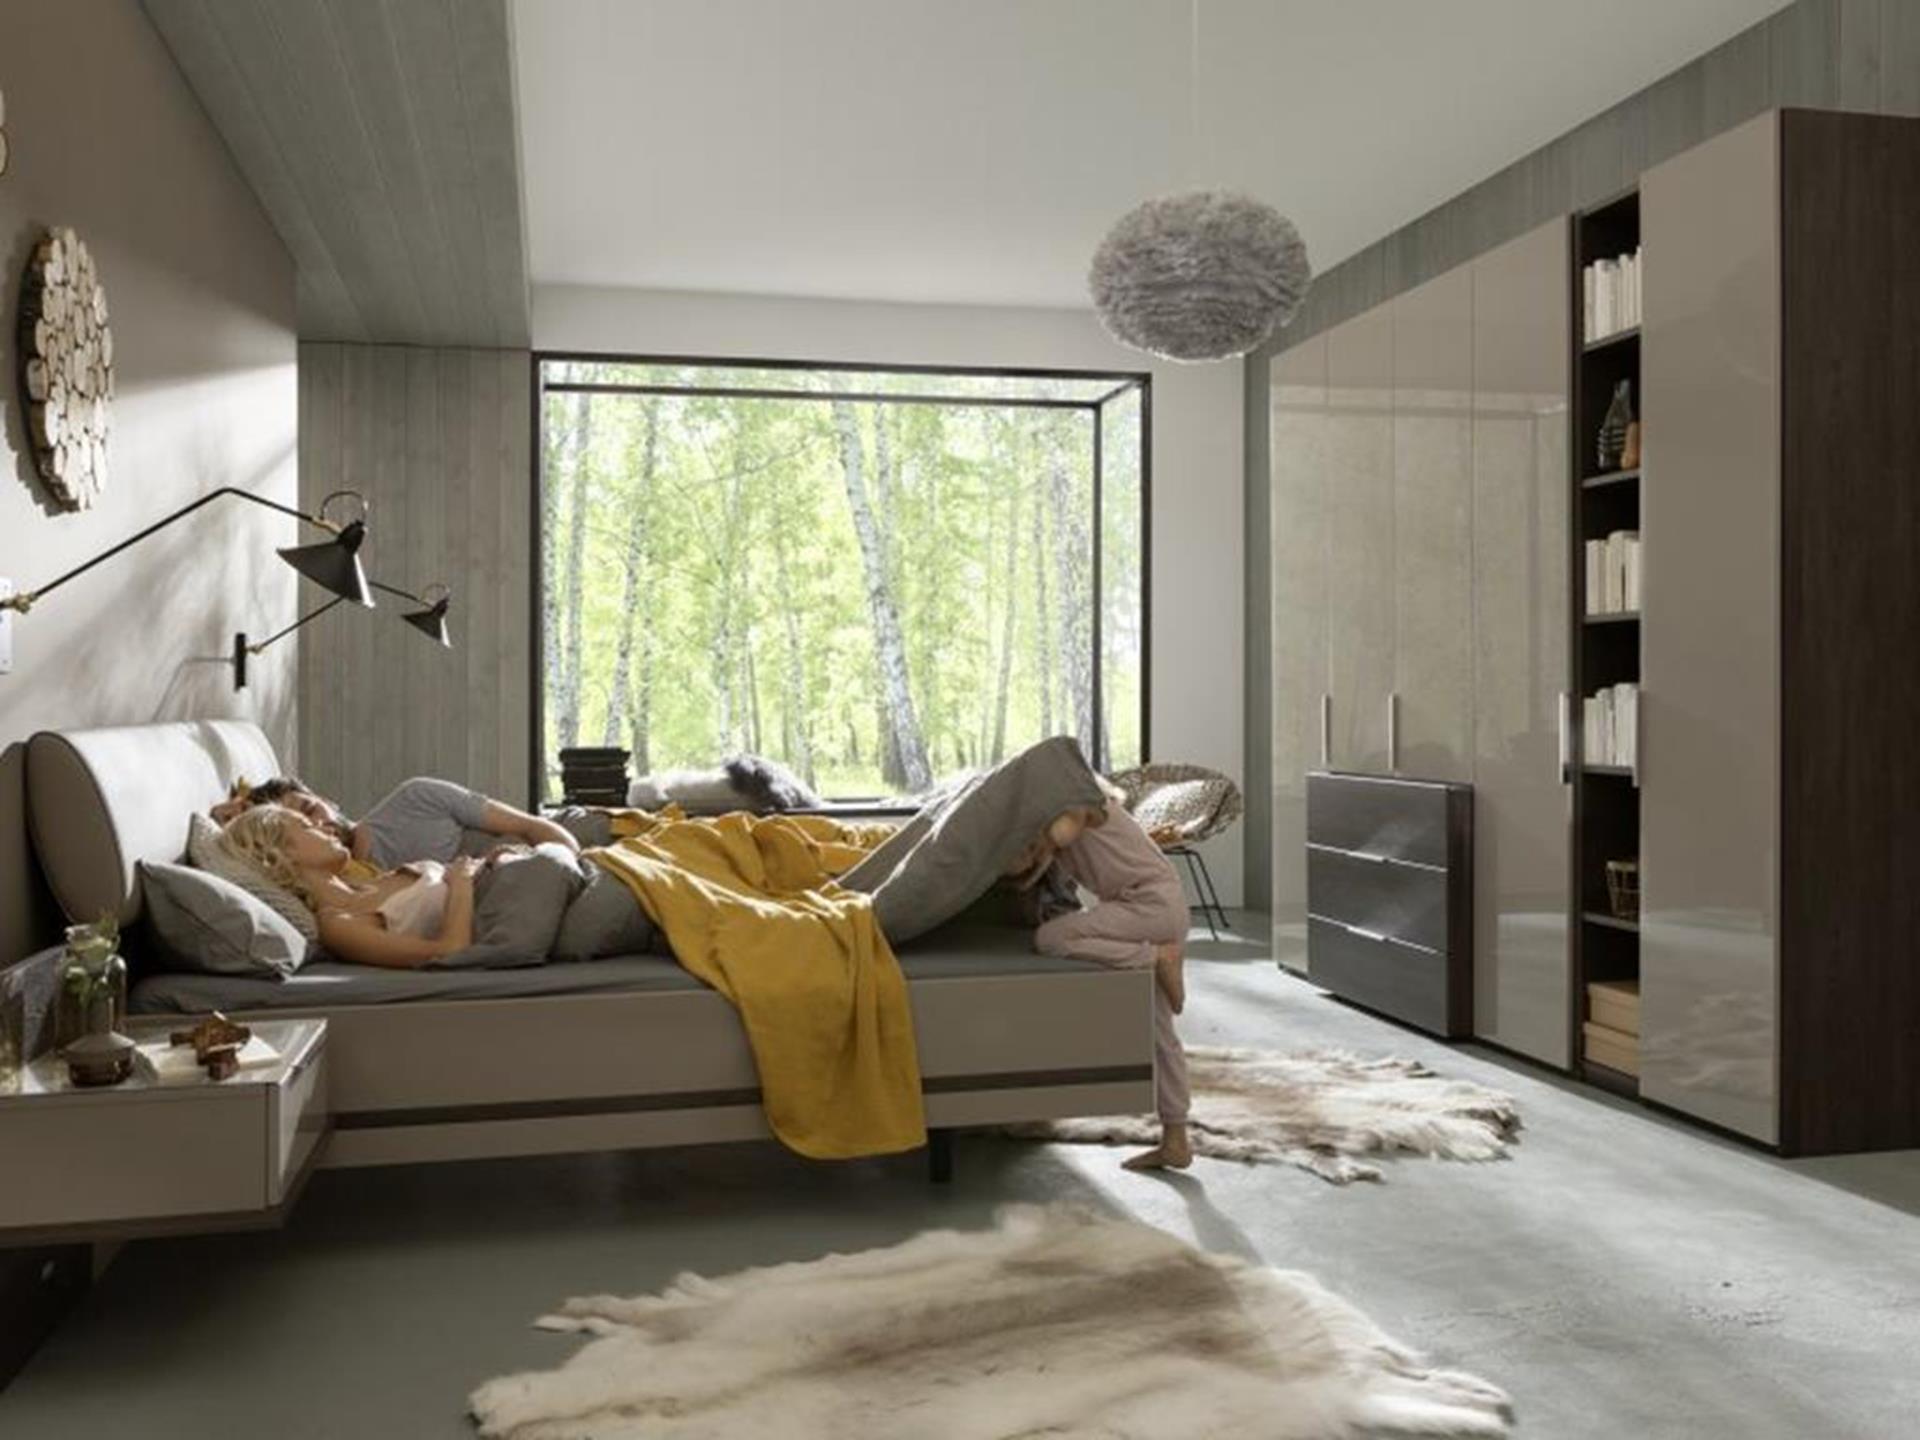 szafa na wysoki połysk w nowoczesnej warszawskiej sypialni